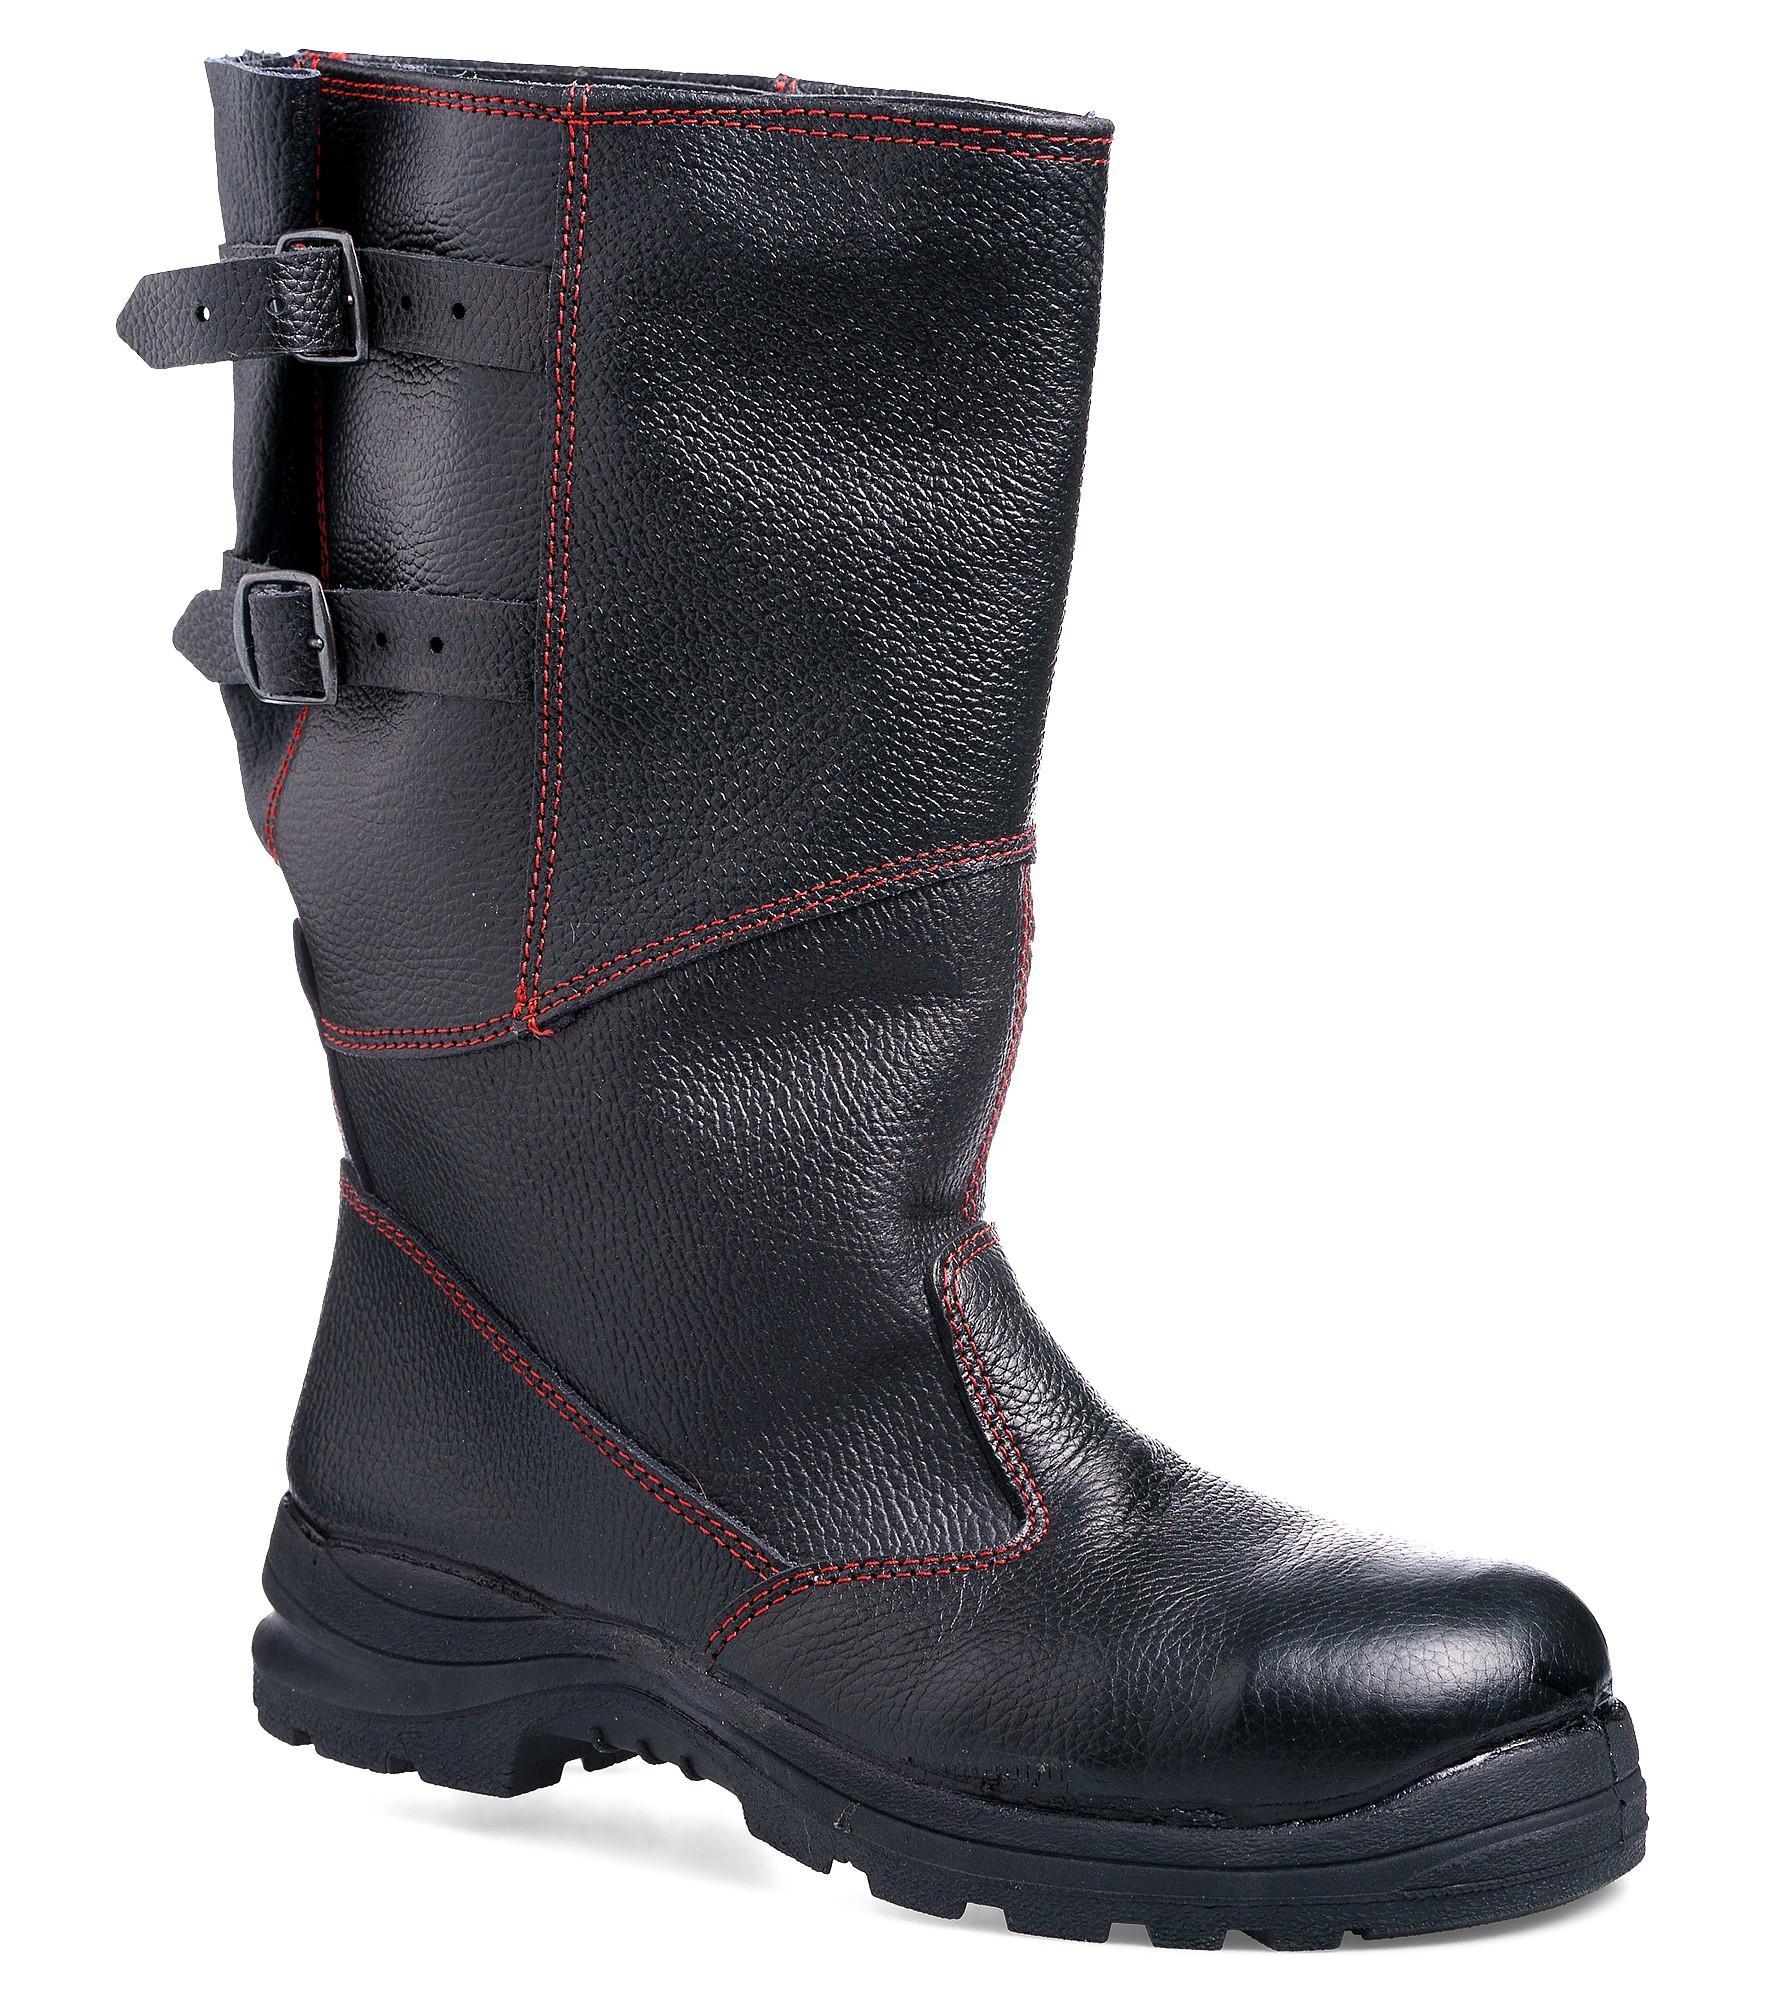 cd867f5dc Сапоги кожаные «Супер Юта» утепленные с композитным внутренним защитным  носком